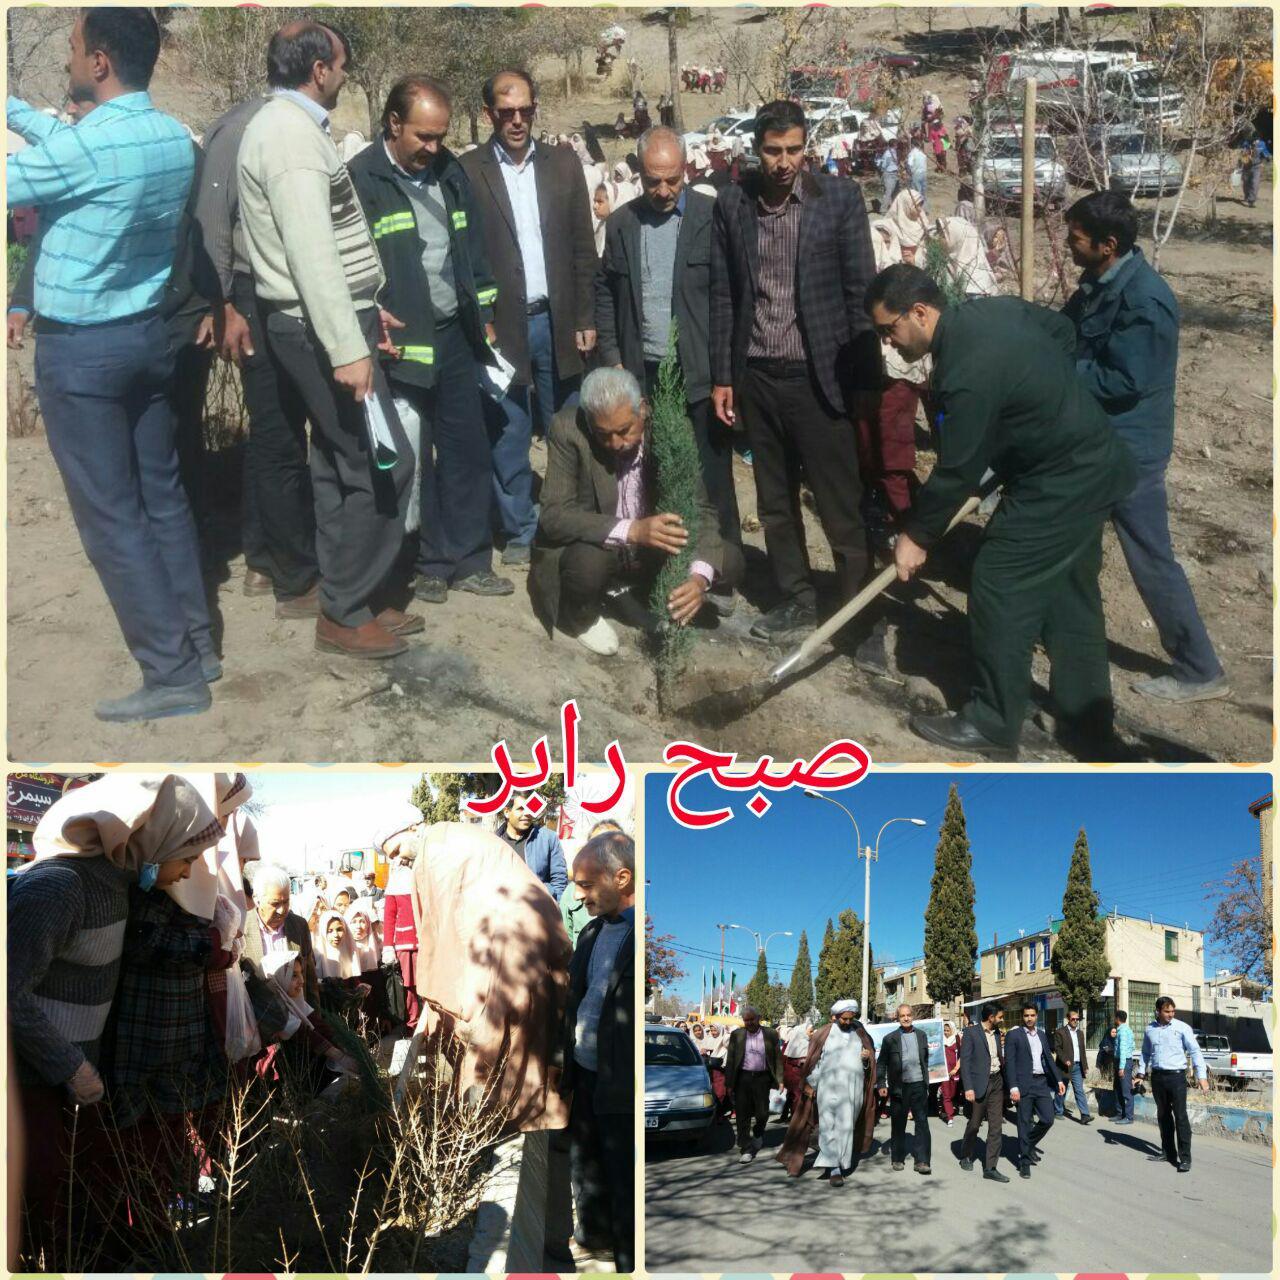 کاشت ۳۵۰ اصله درخت به یاد شهدای والامقام شهرستان رابر